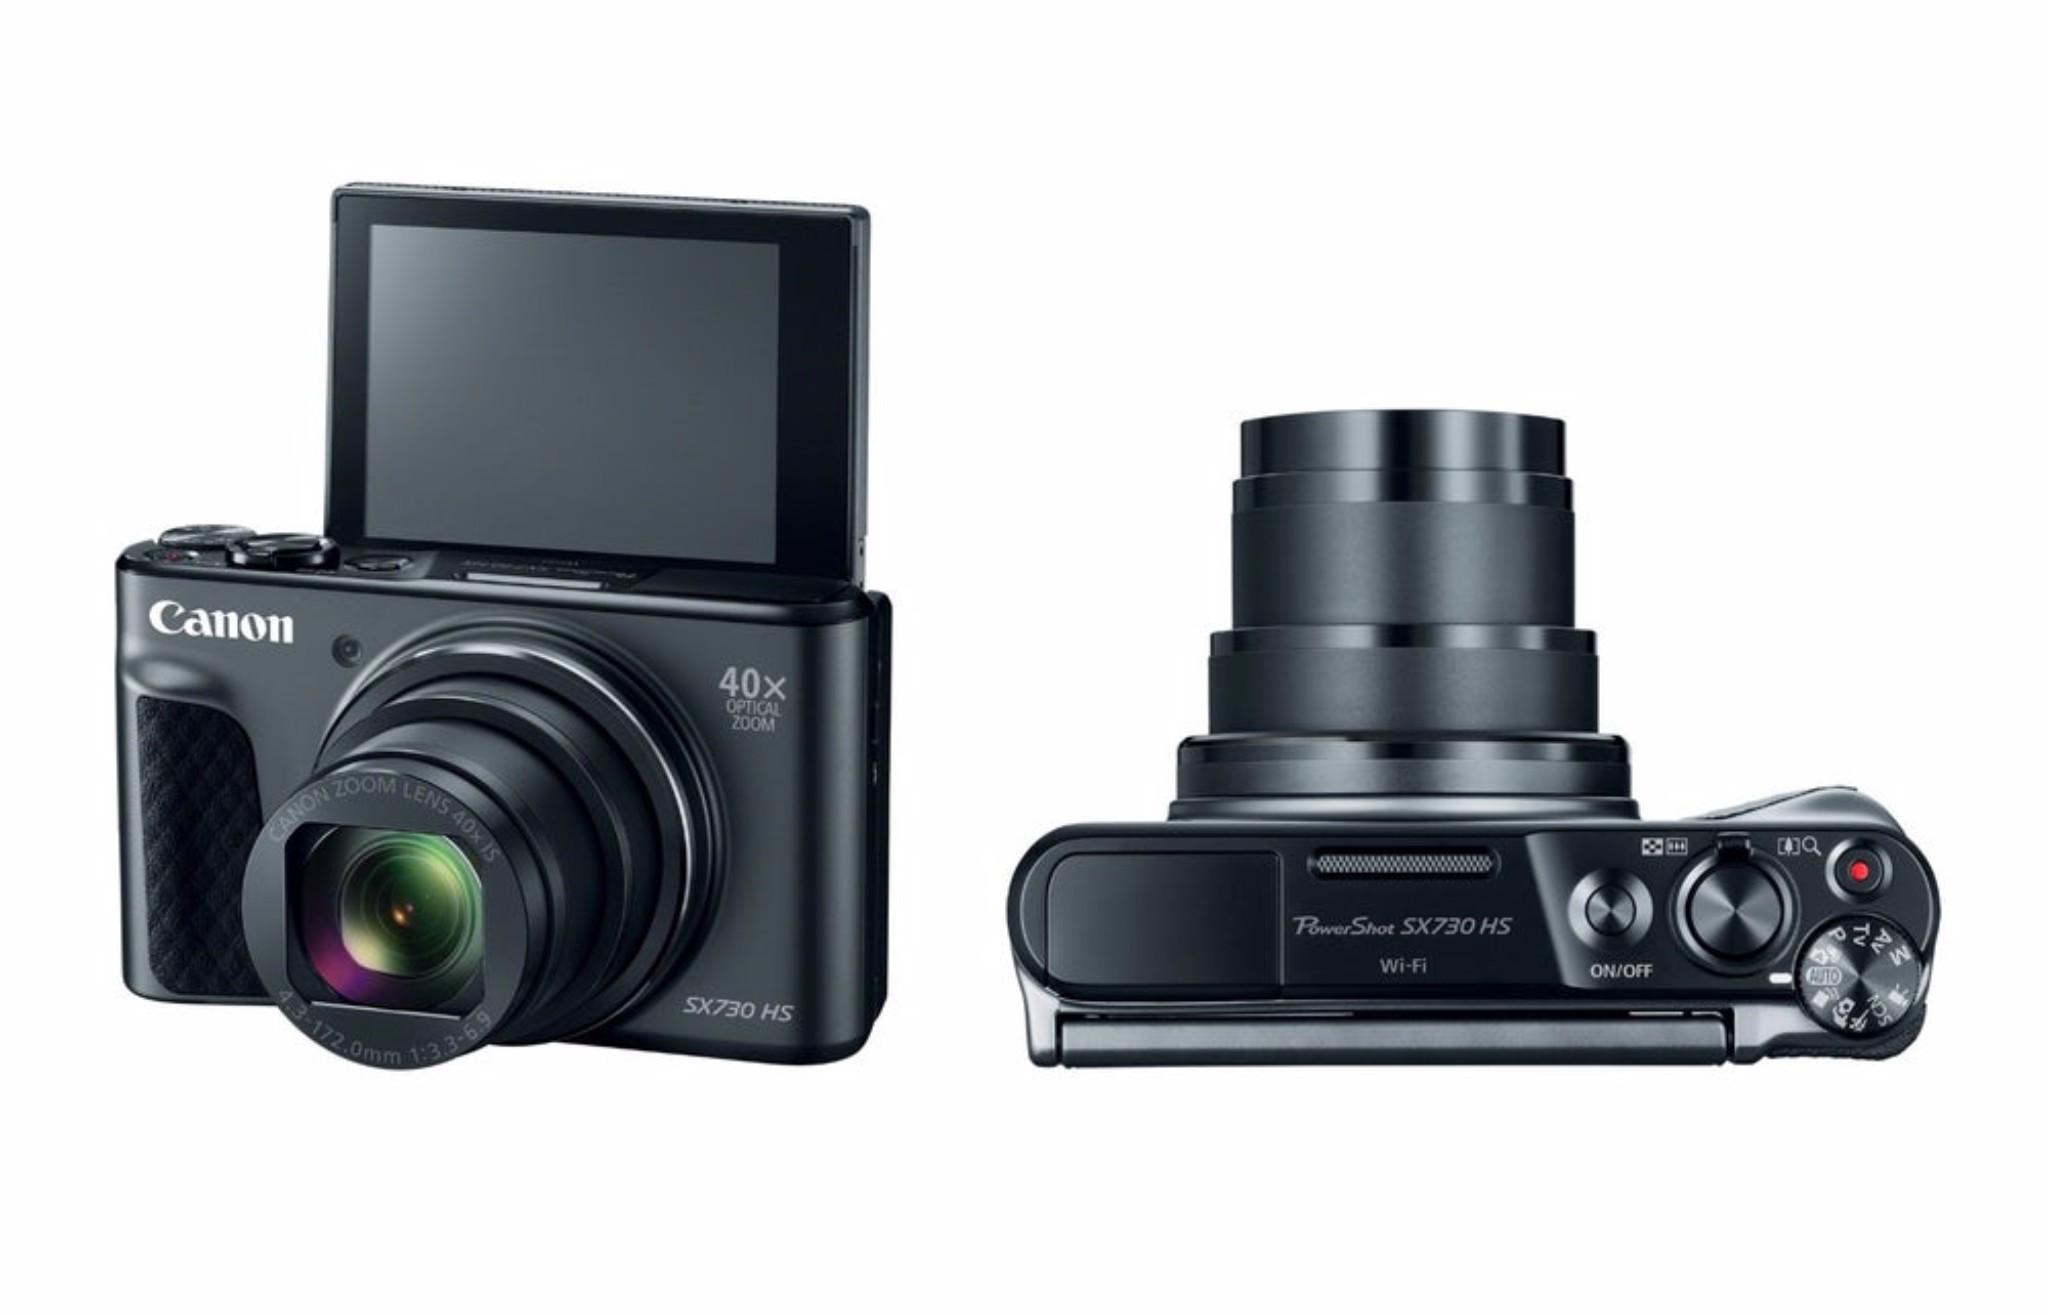 Canon PowerShot SX730 HS ra mắt, tích hợp siêu zoom và chụp selfie tốt